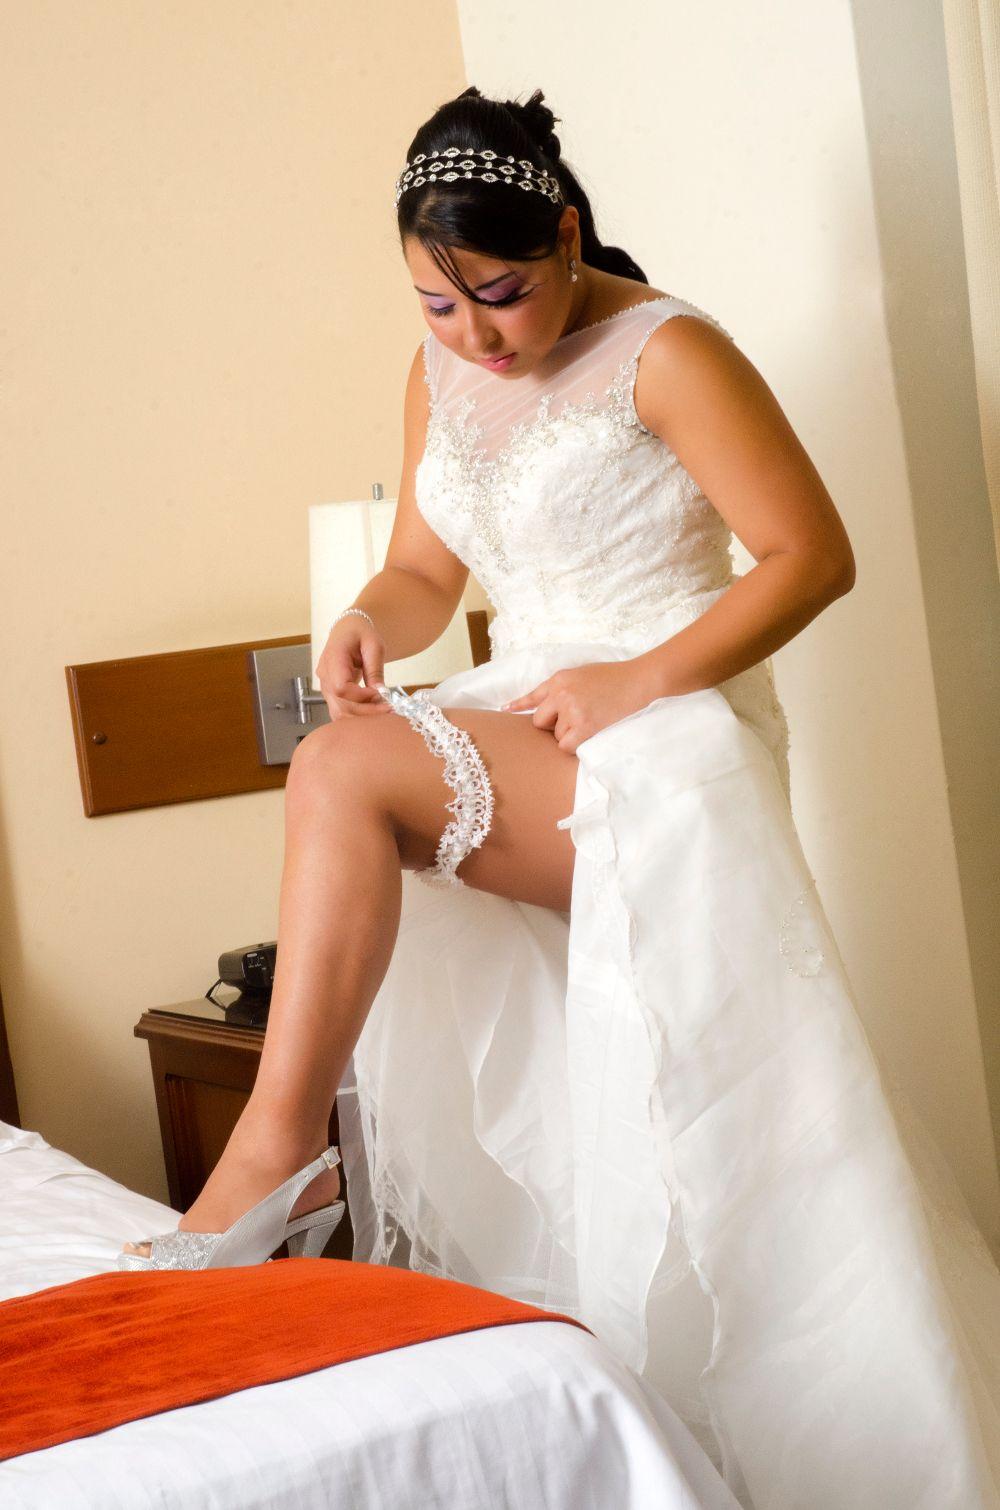 Imágenes en boudoir cuando la novia ya está terminando de arreglarse